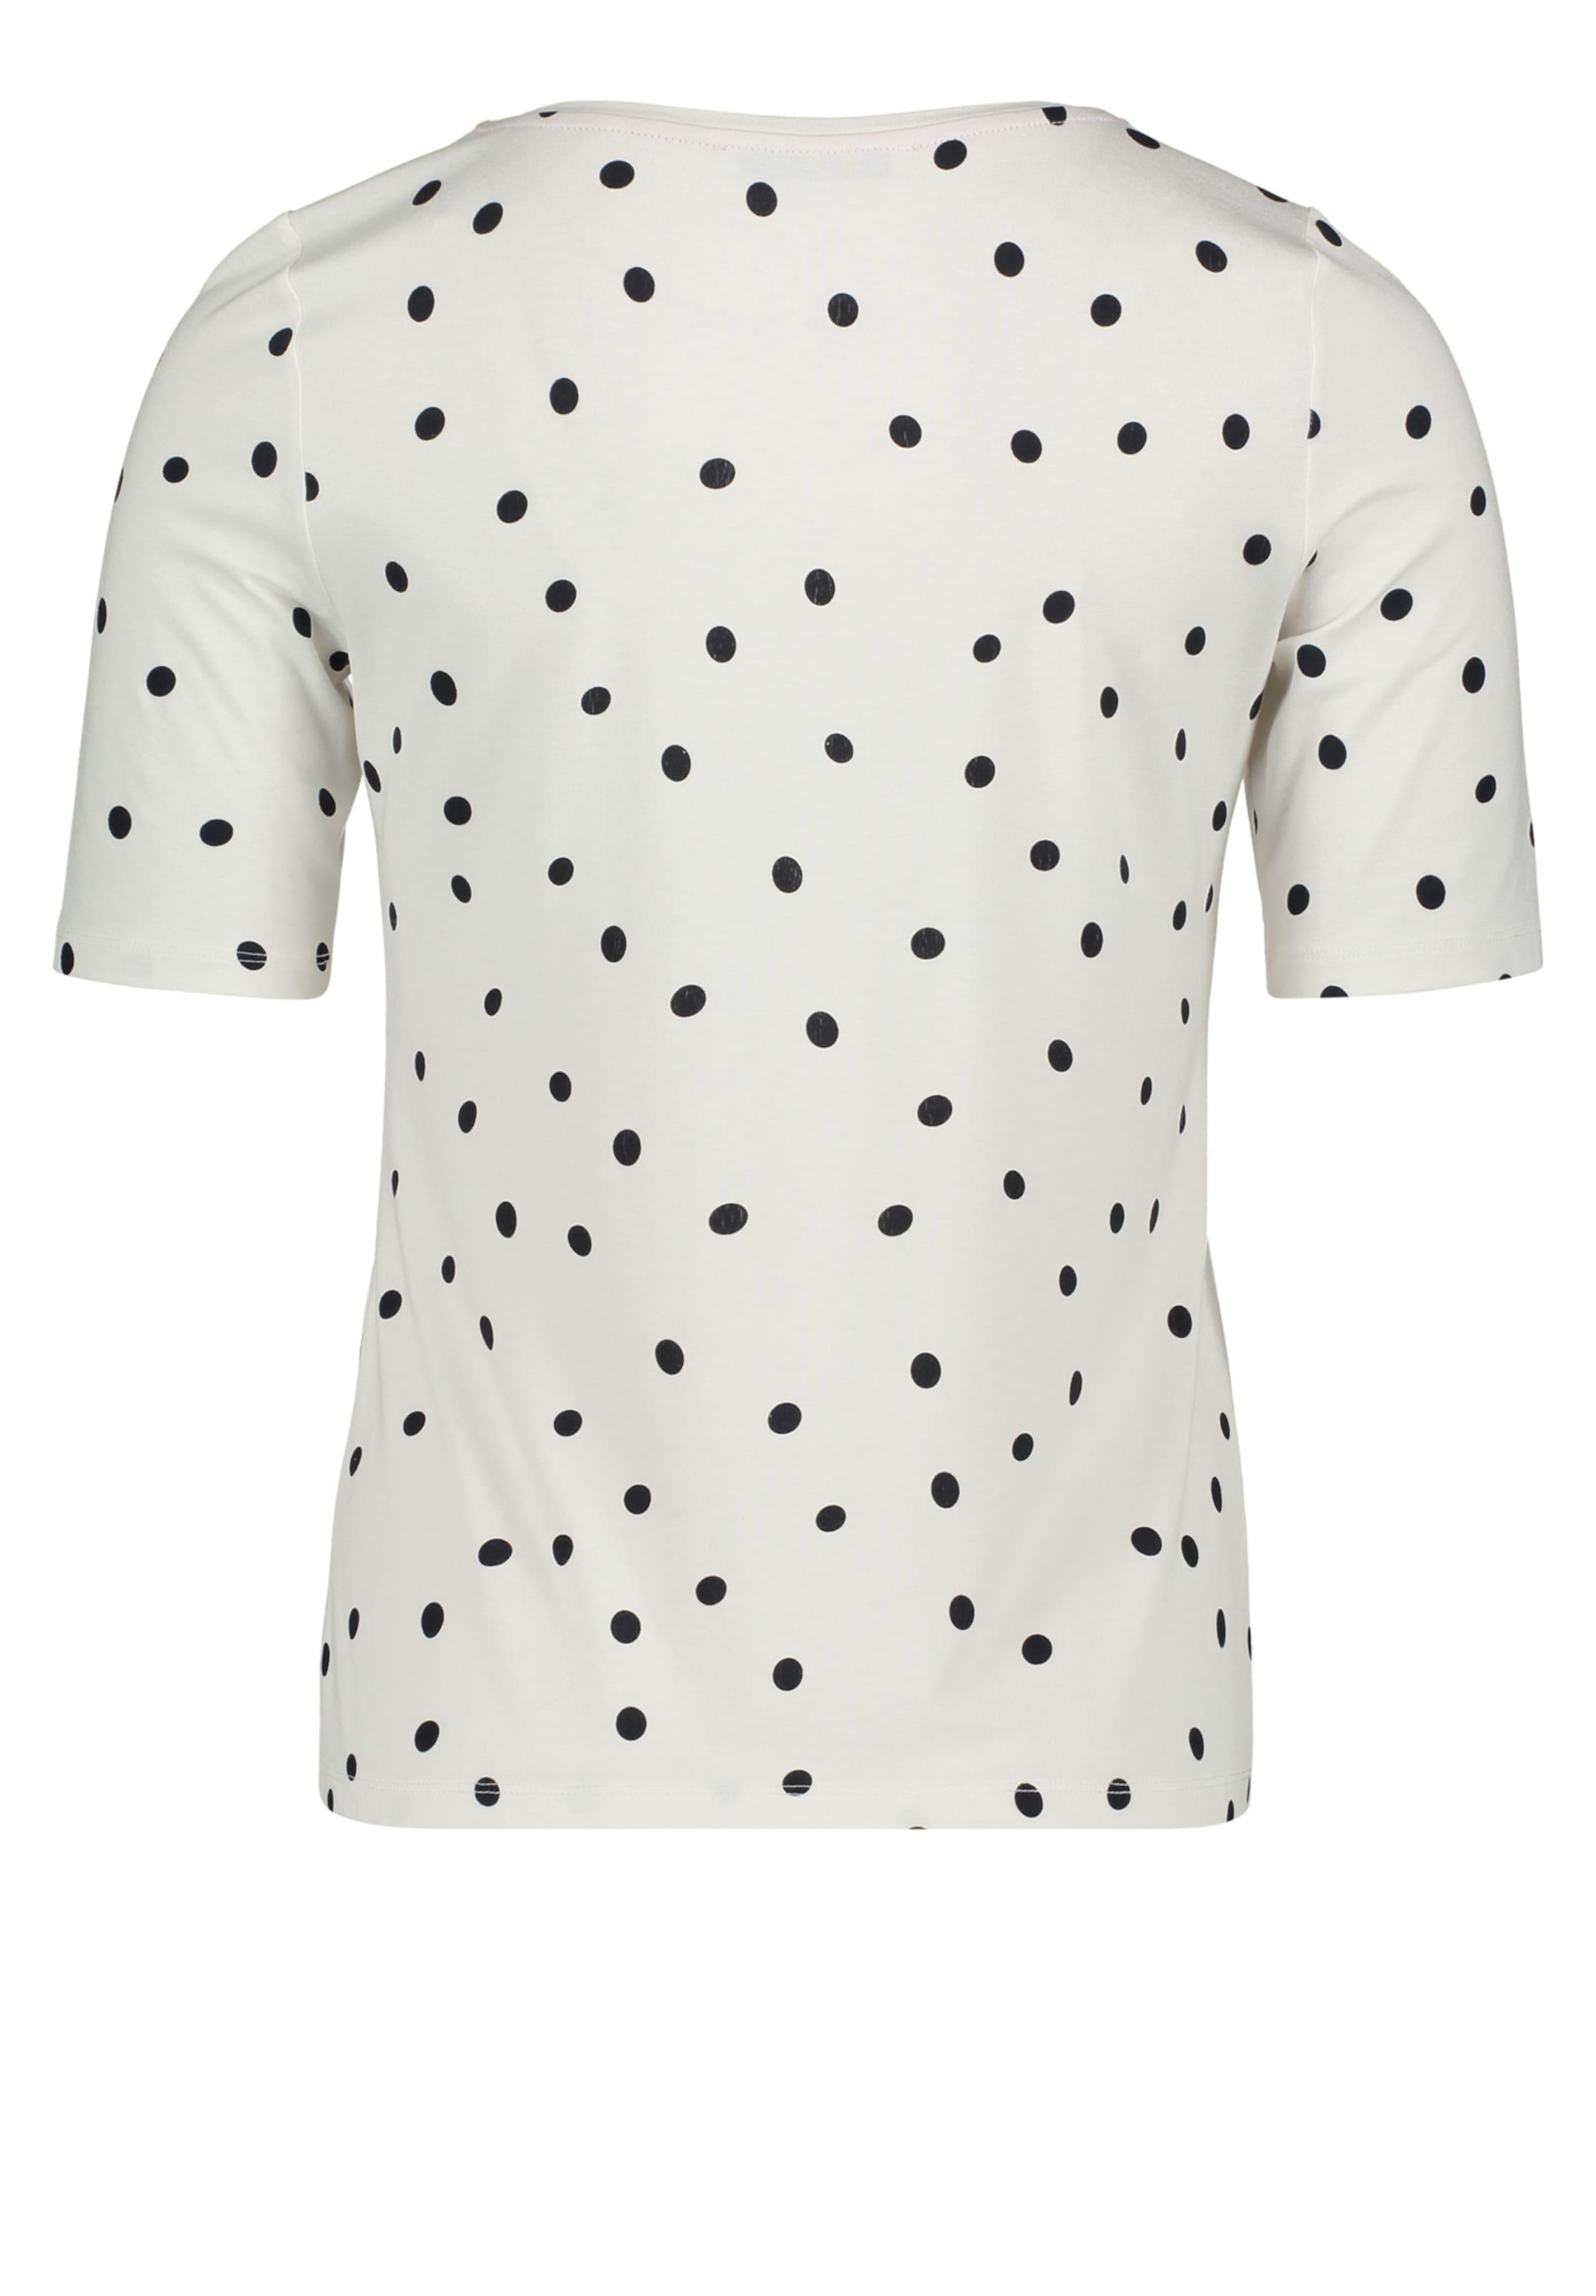 MischfarbenSchwarz In Weiß Betty Shirt Barclay 0wOPXnk8